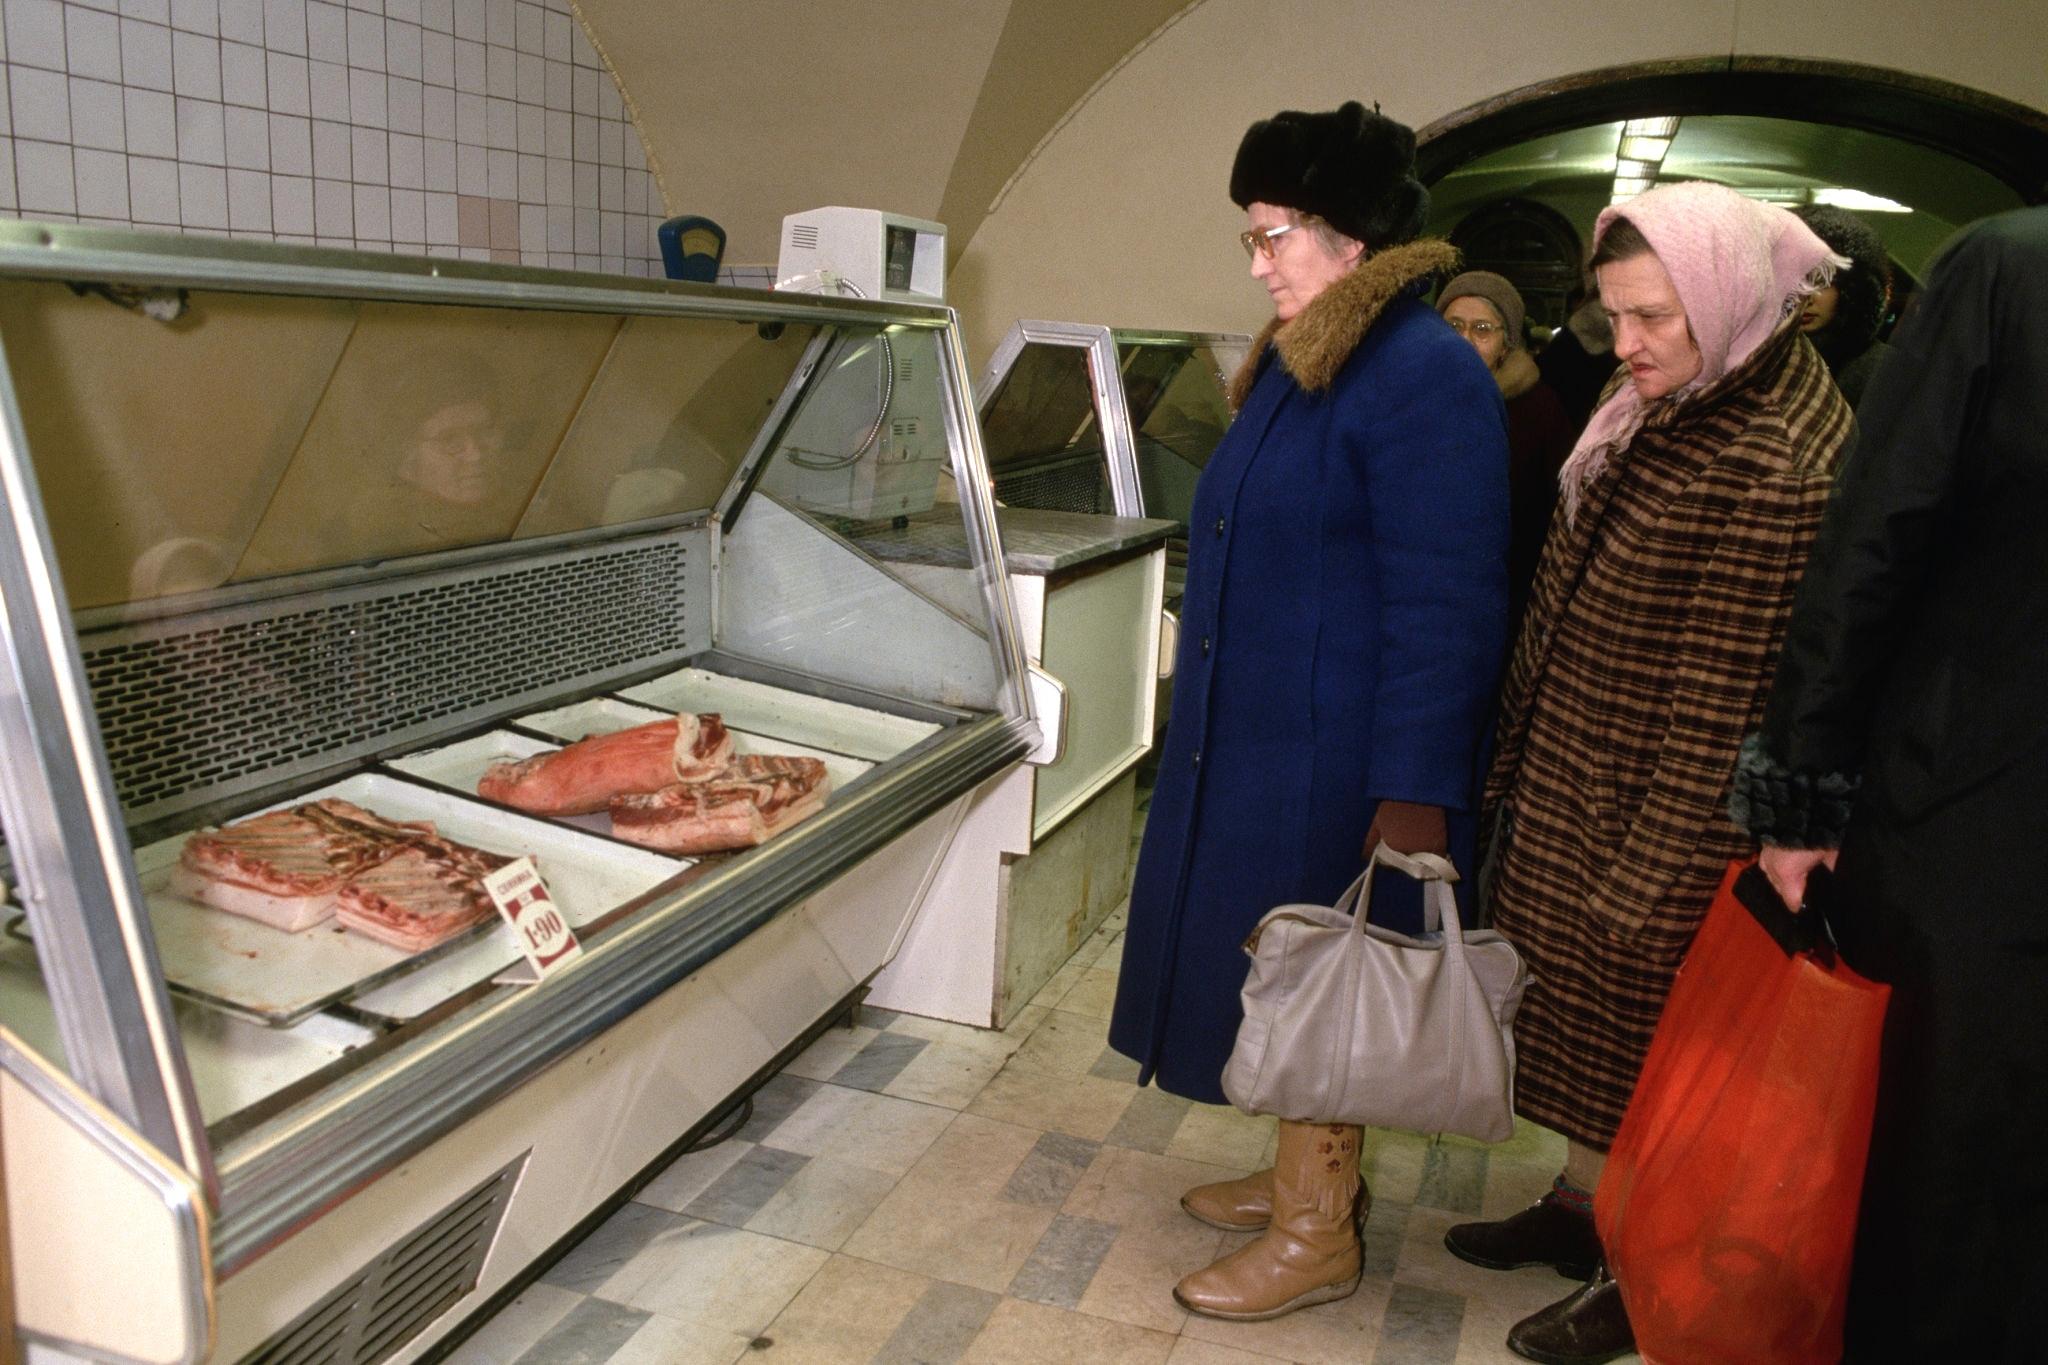 Ленинград. Мясной отдел на Невском 54, 1990 г.